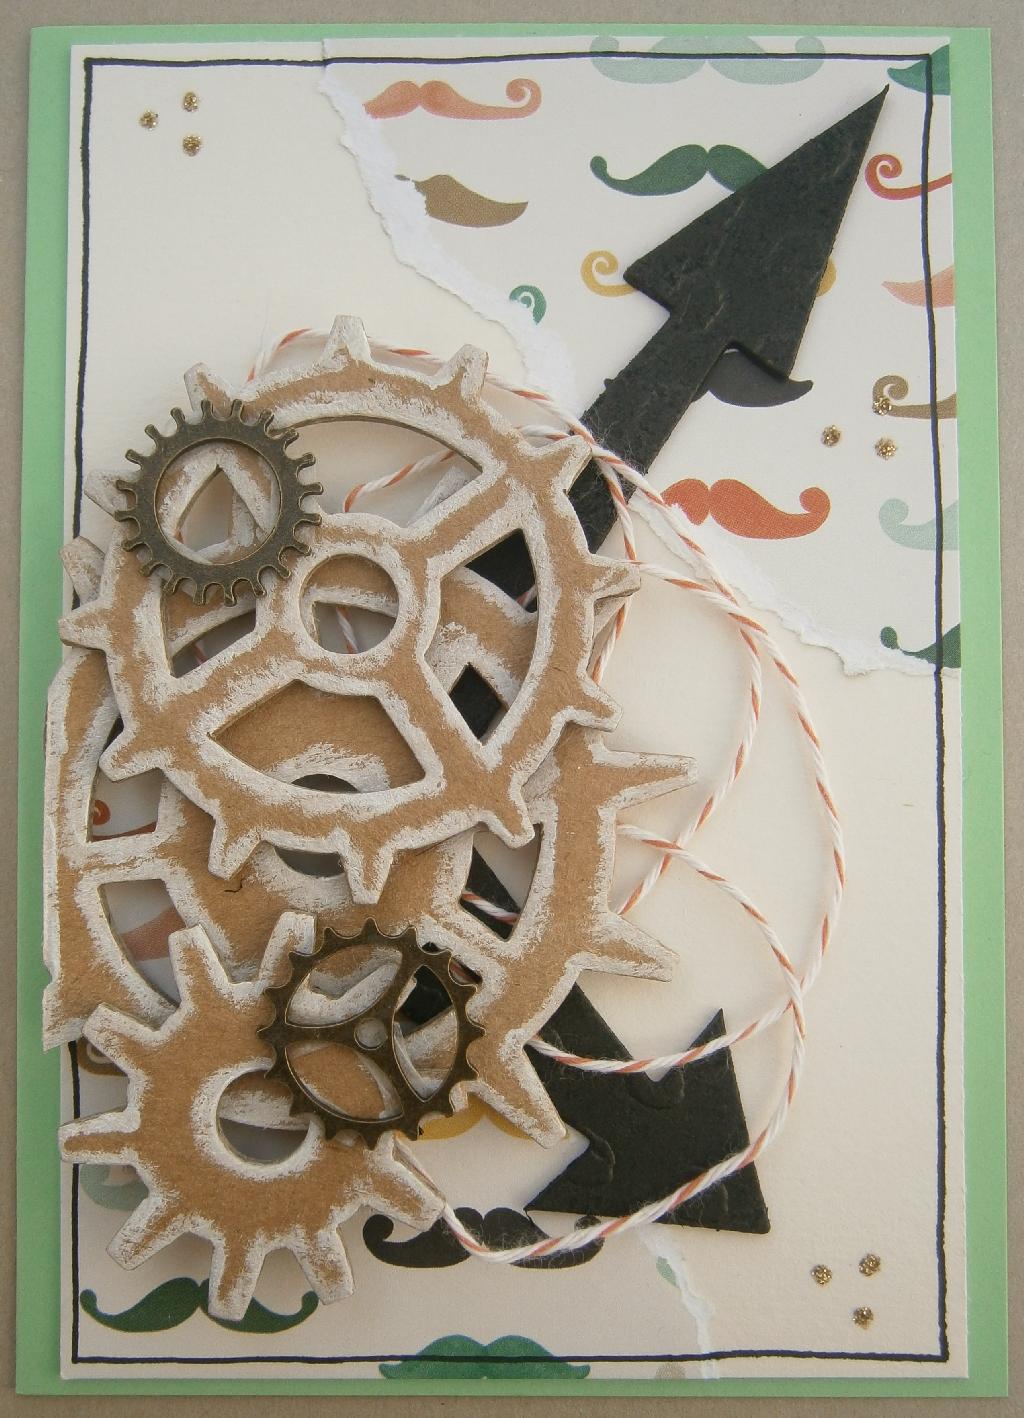 Karte mit Zahnrädern, Zeigern und Mustache (Schnurrbärte) in Creme und Bunt (Watercolor) - fertige Karte